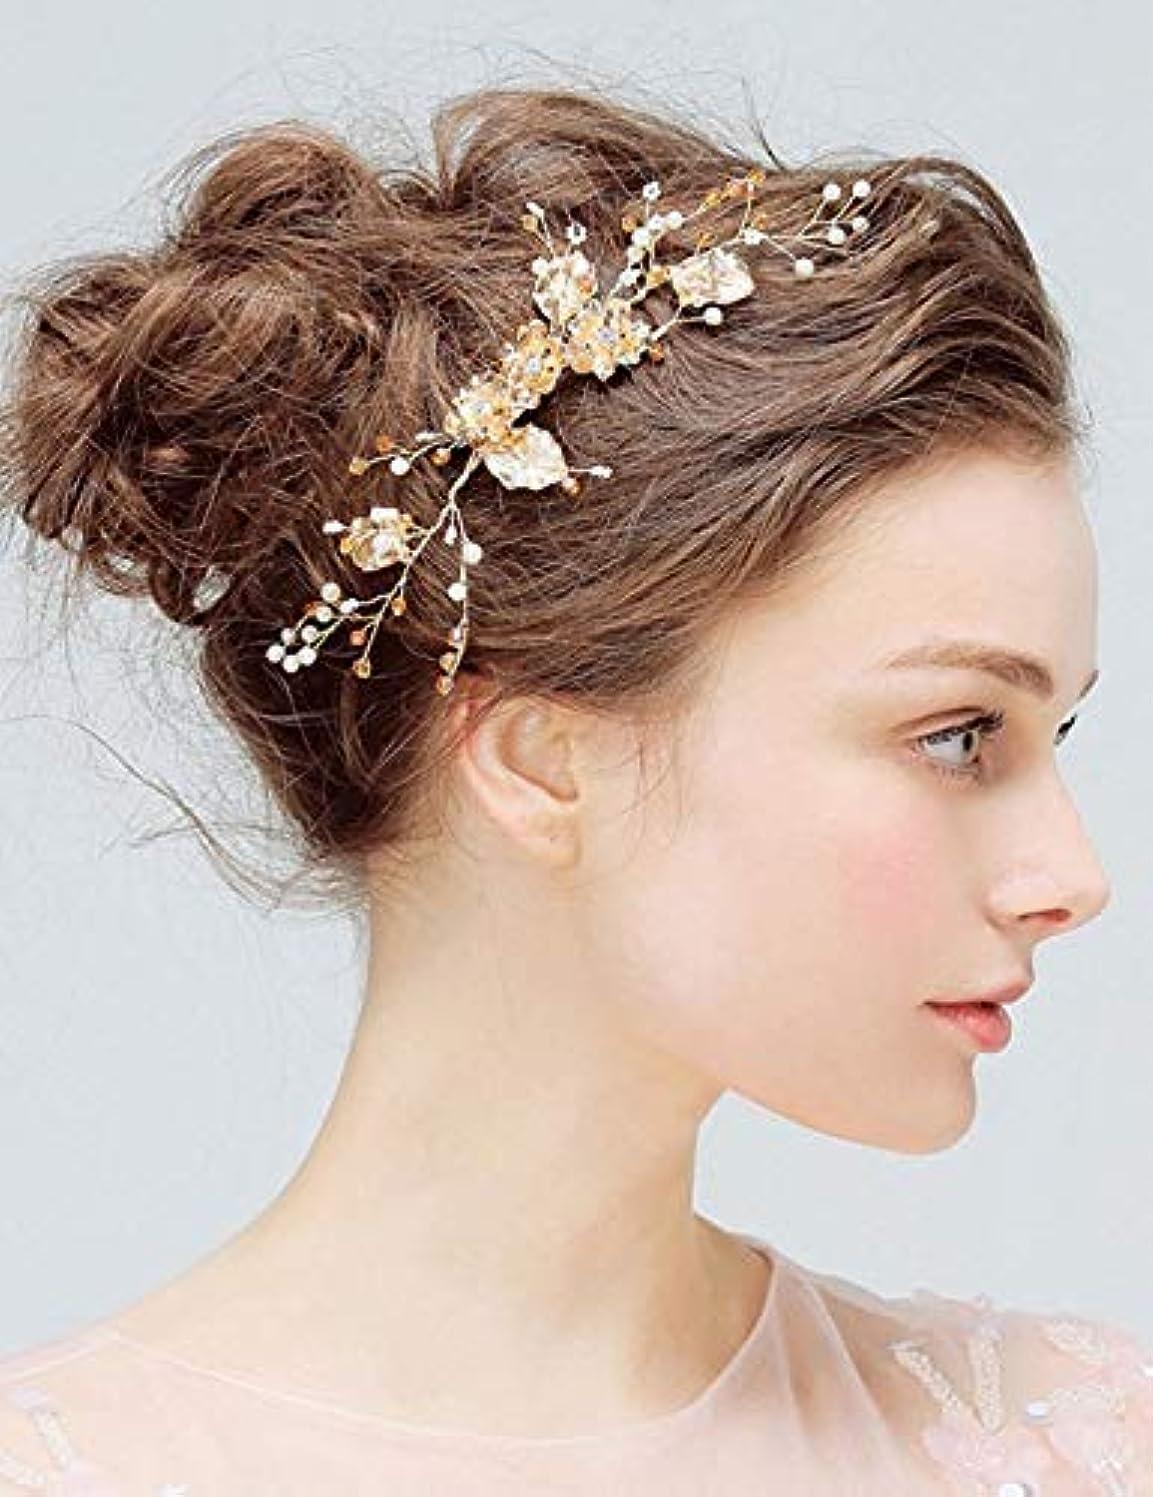 リマーク和解する麻痺させるDeniferymakeup Bridal Comb Floral Gold Crystal Leaf Bridal Hair Comb Vintage Inspired Hairpiece Crystal Comb Veil Clip Bridal Hair Accessories [並行輸入品]